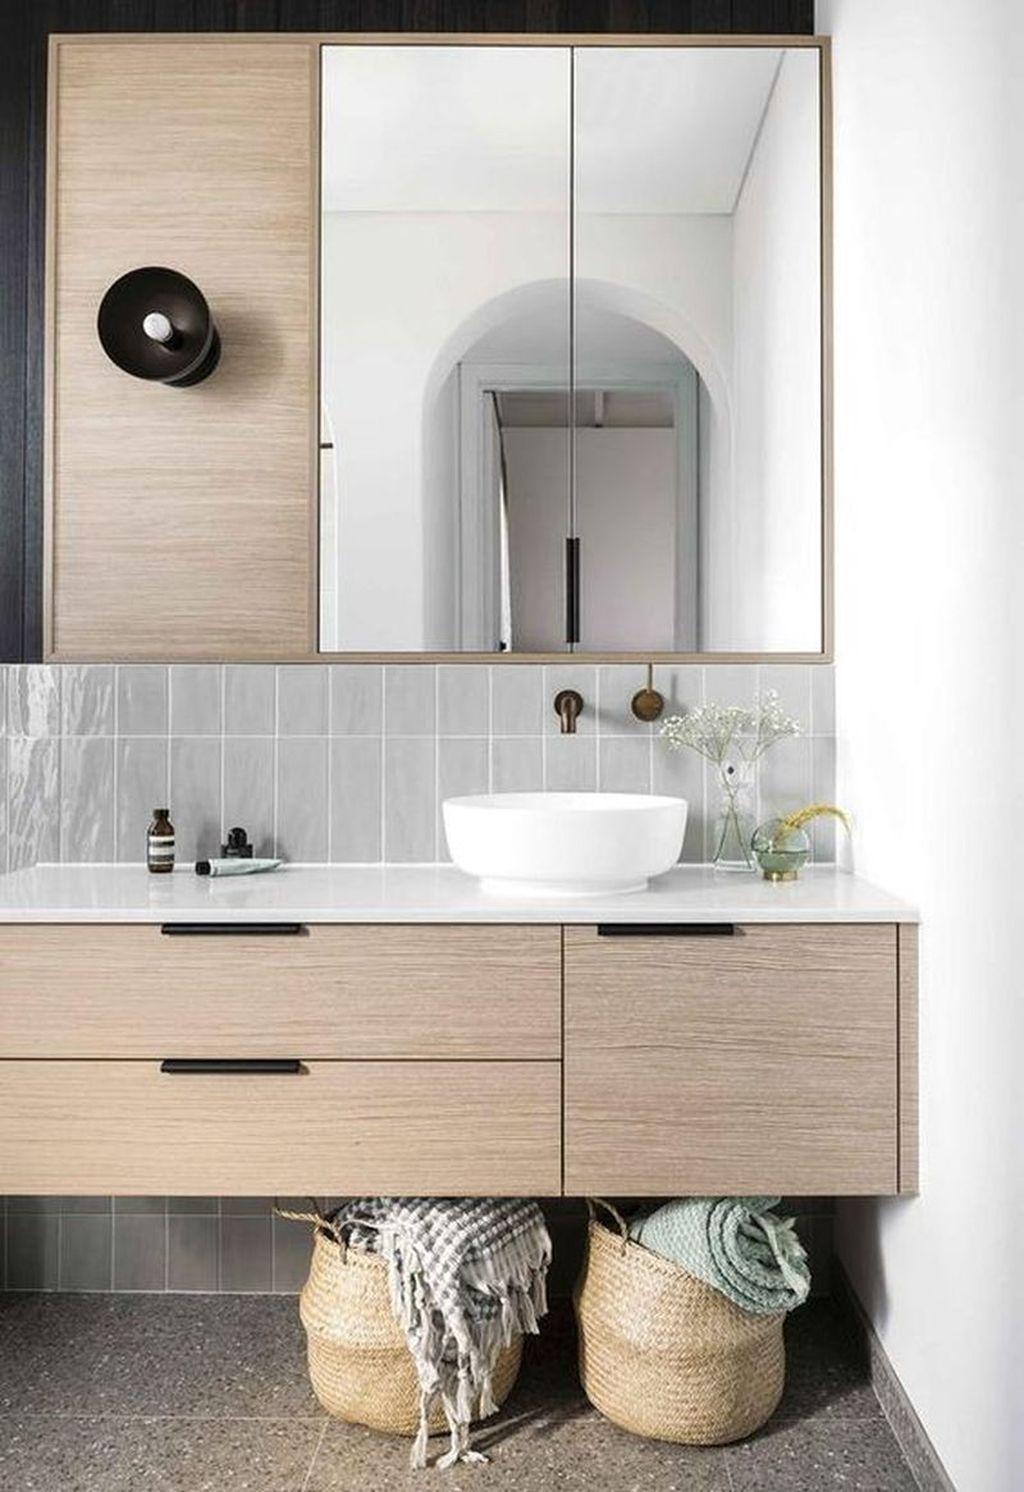 33+ Modern Bathroom Storage Ideas Gif